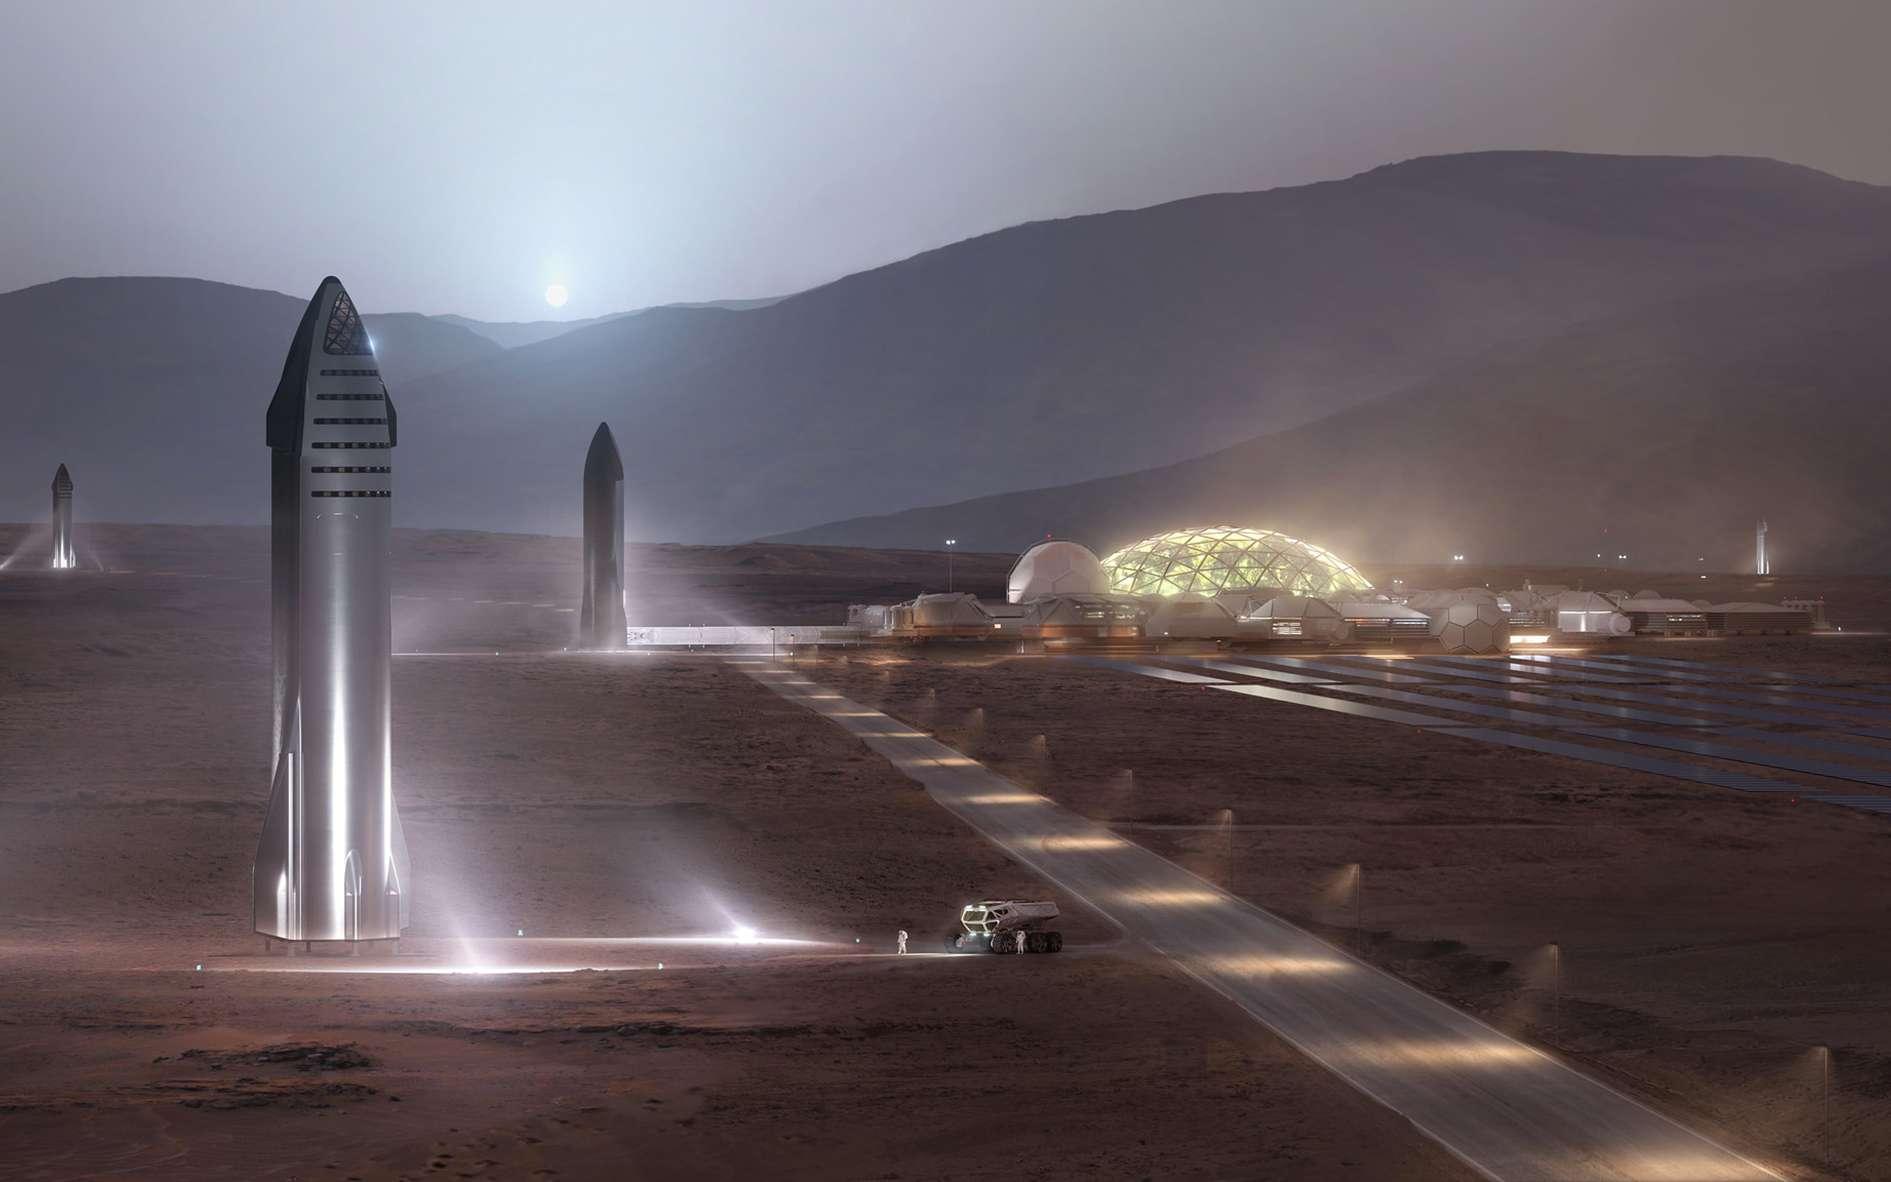 SpaceX prévoit une première mission habitée sur Mars en 2026 et débuter la colonisation de Mars. © SpaceX